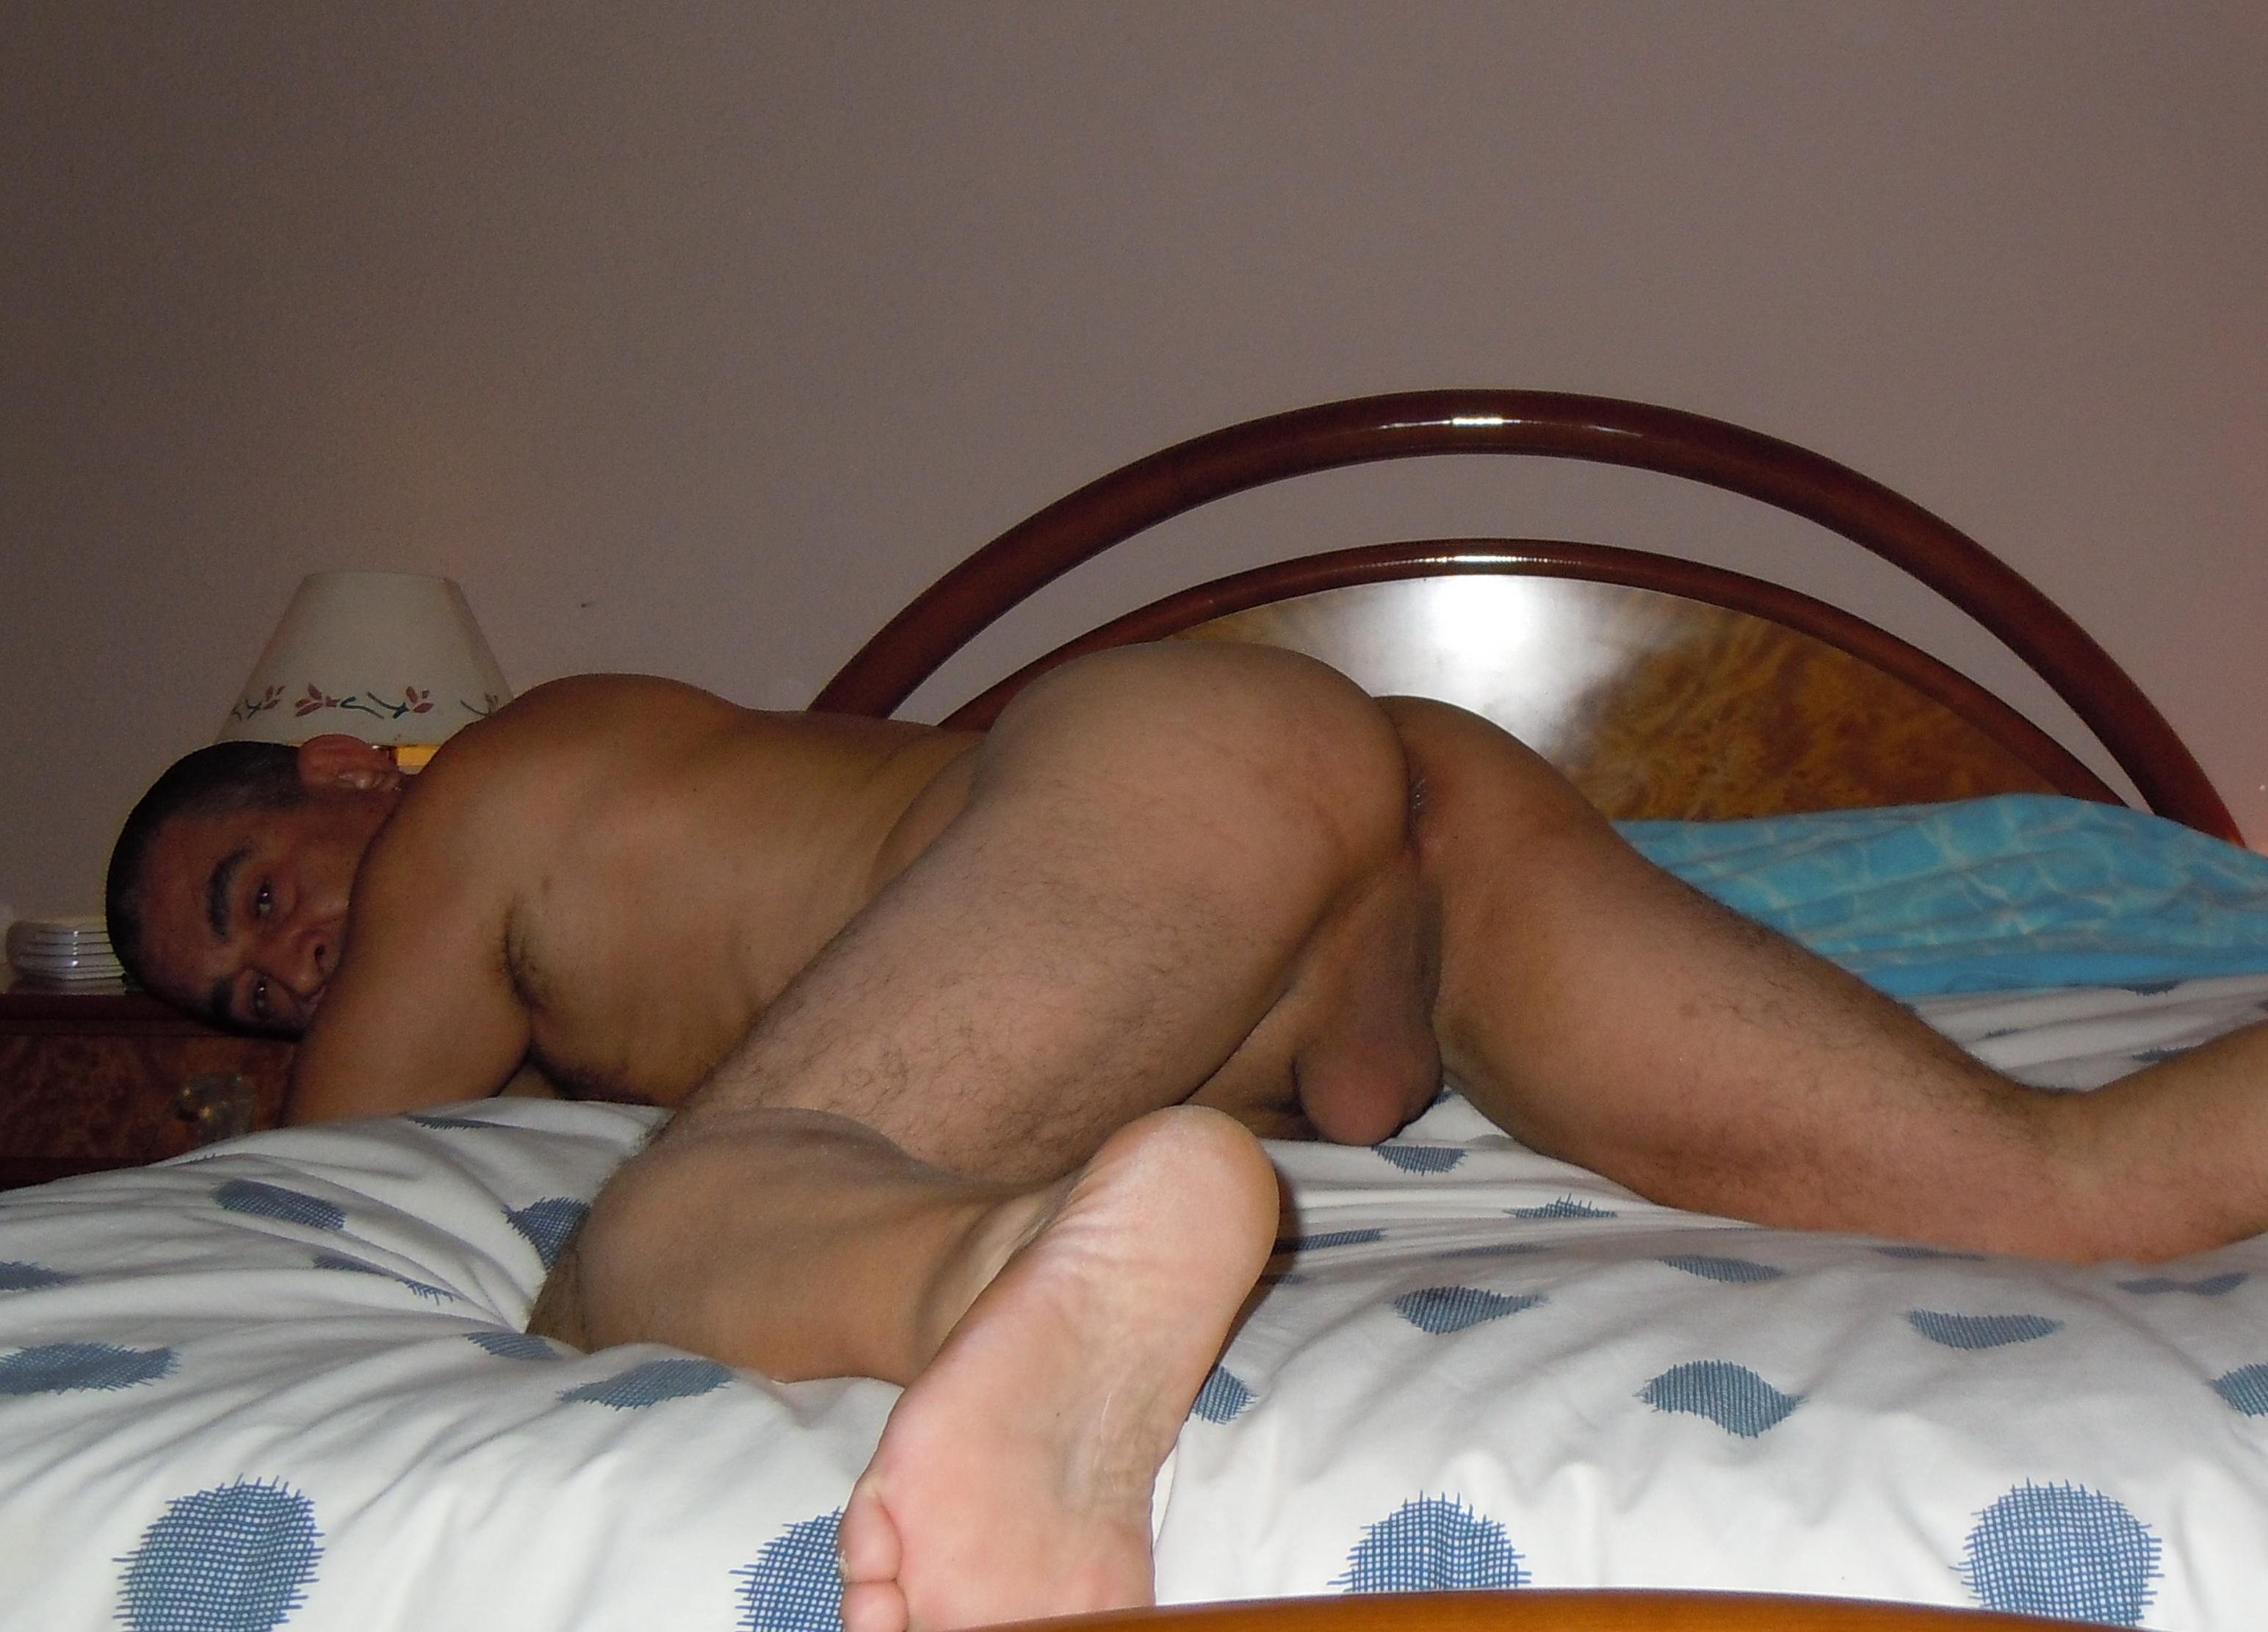 Luis49